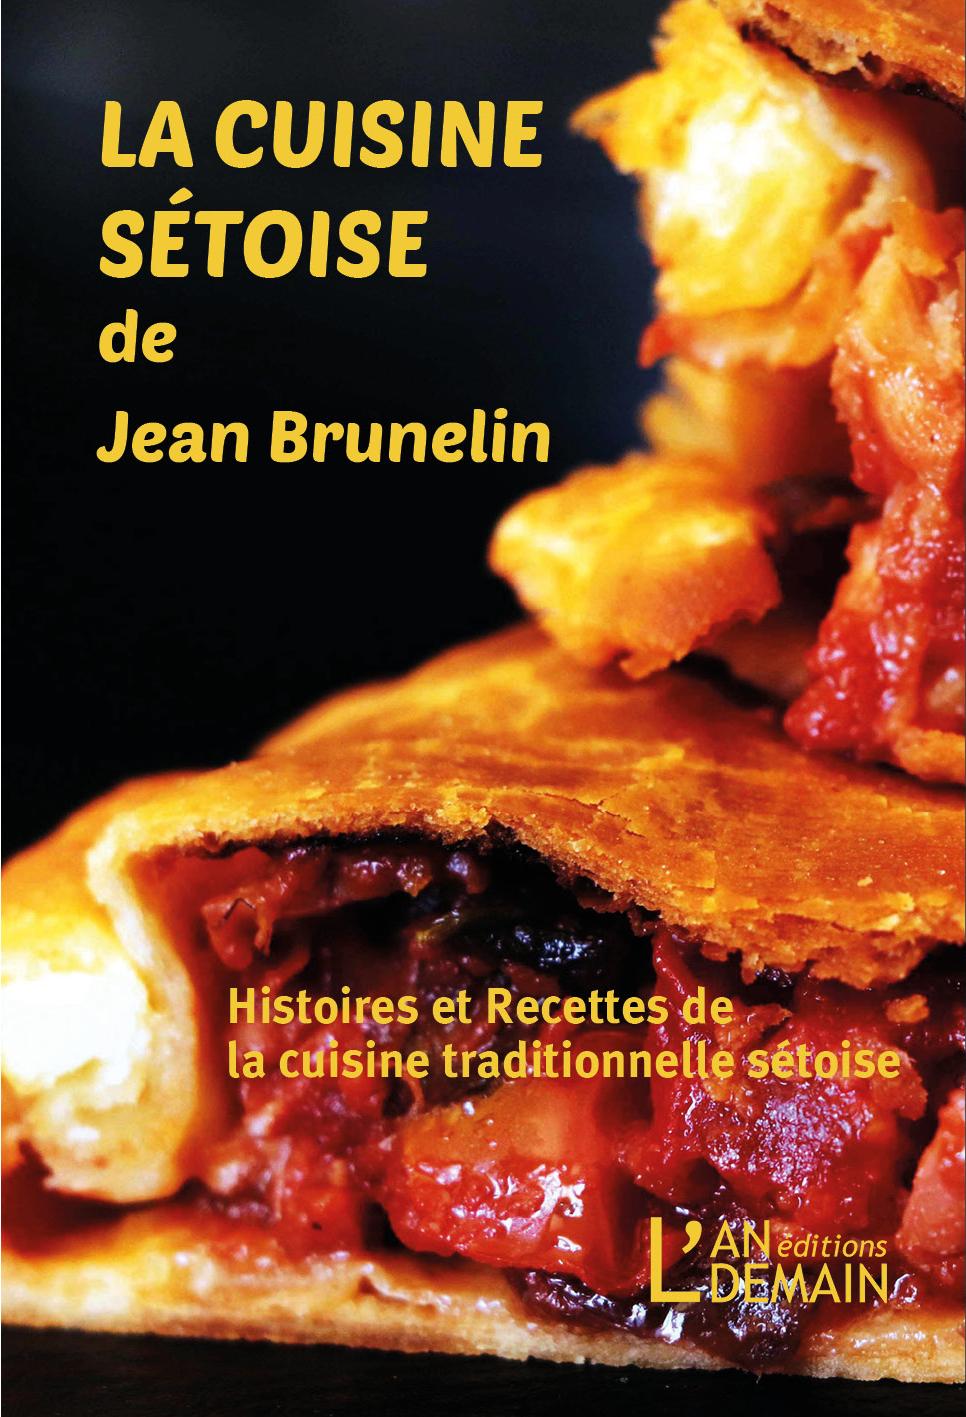 La cuisine sétoise de Jean Brunelin